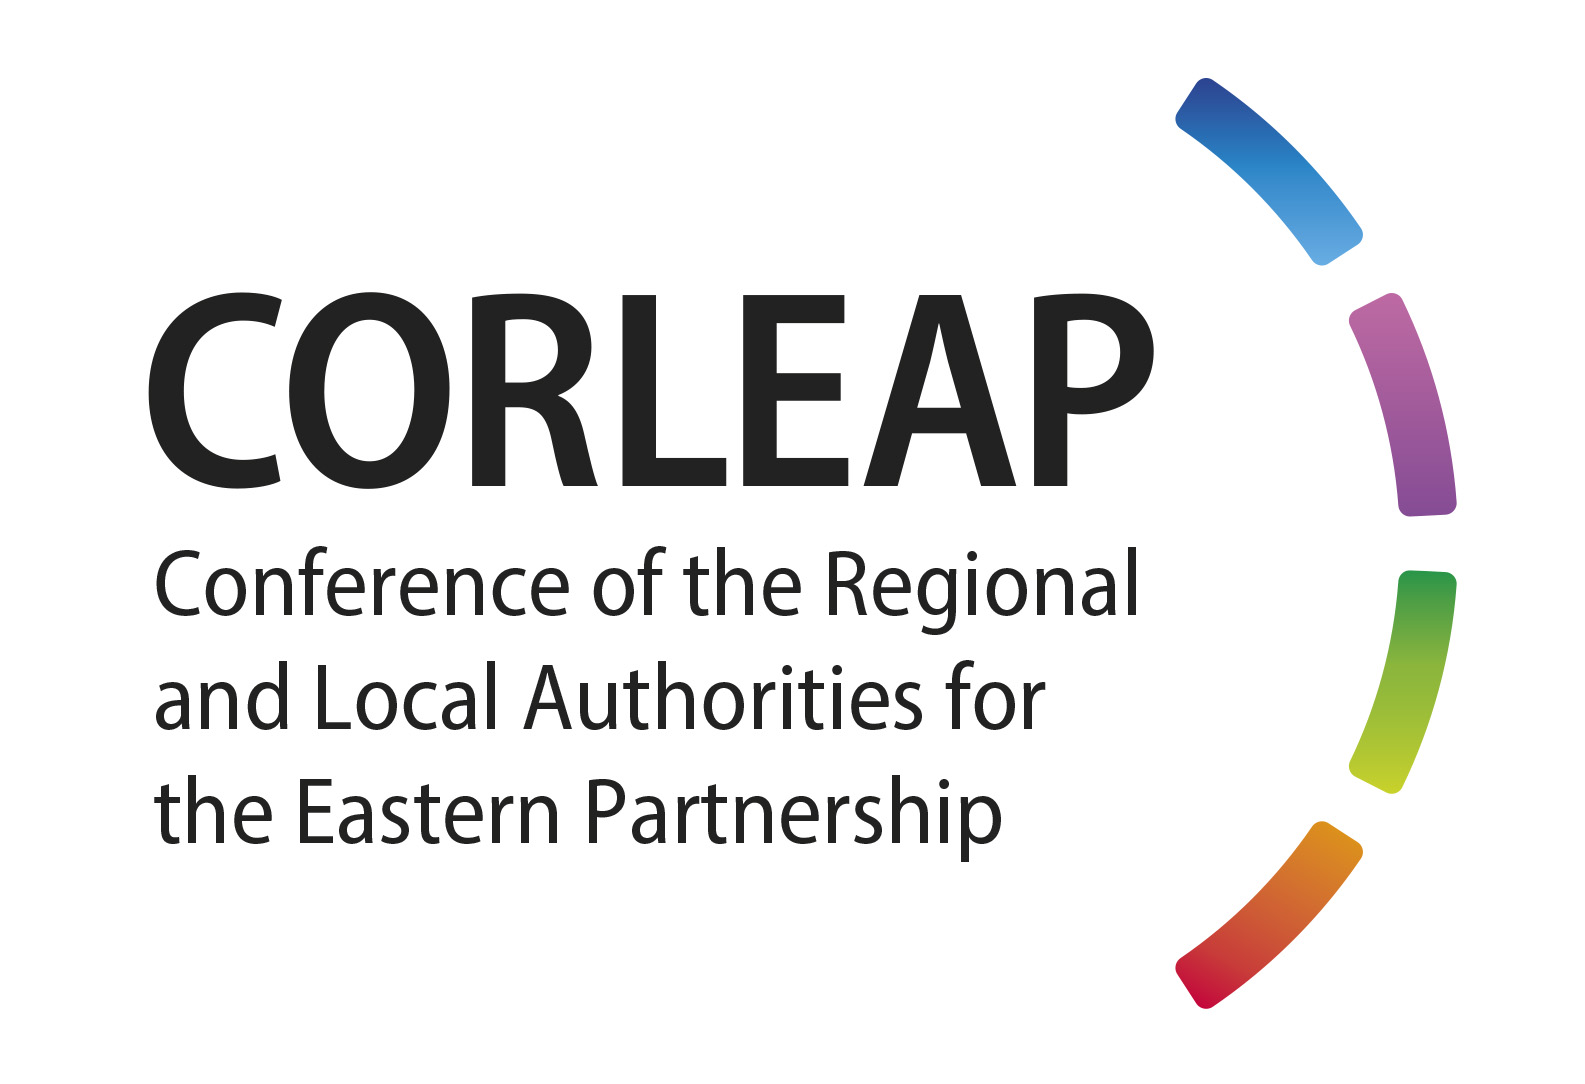 Майбутню політику Східного партнерства обговорюють сьогодні у Вірменії